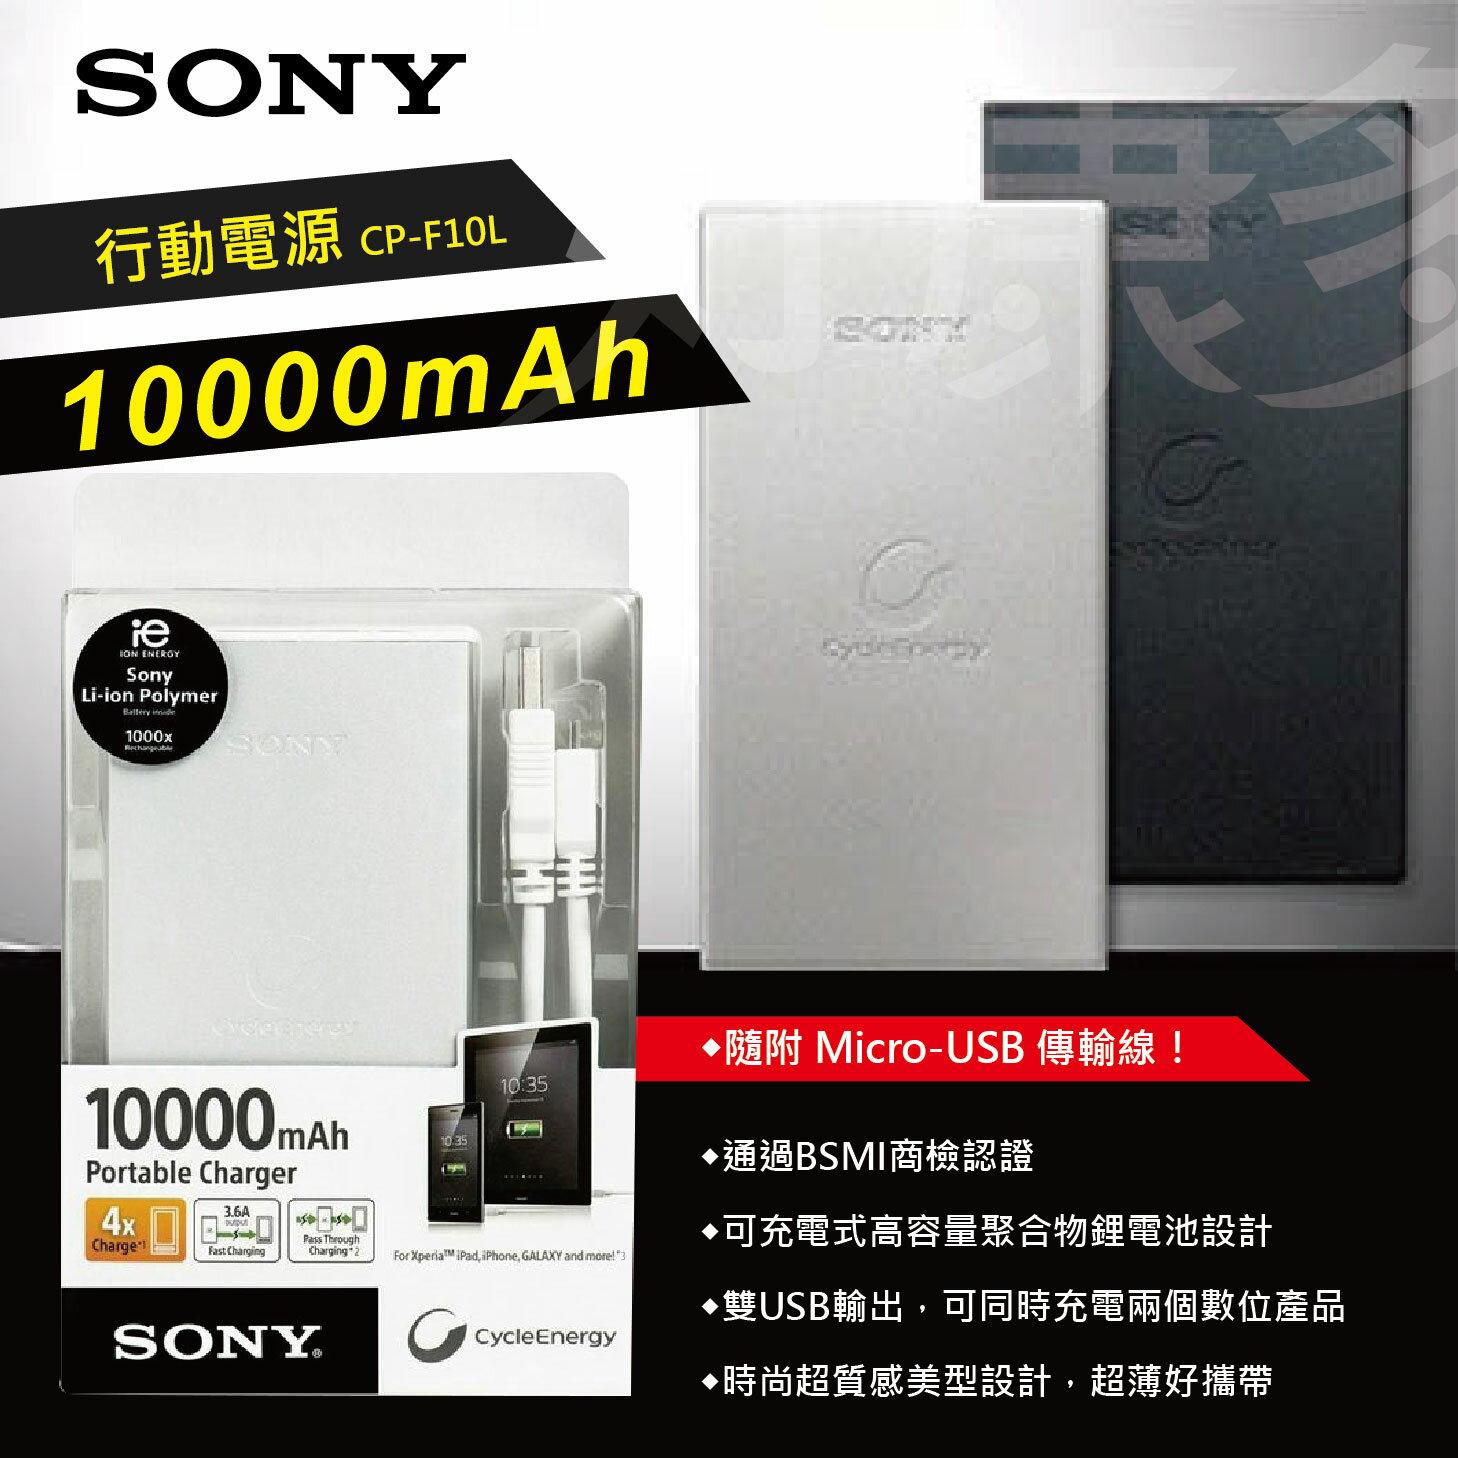 【福利新品】SONY 行動電源 (CP-F10L) 10000mAh 5V 3.6A 原廠正品